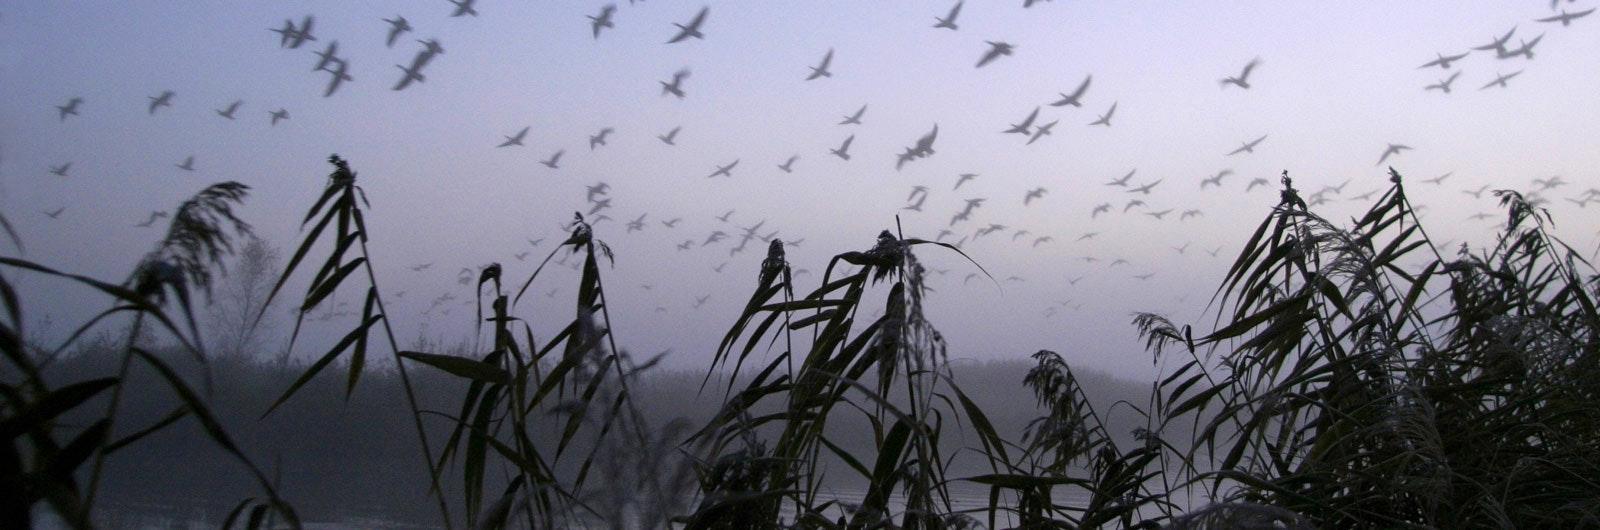 Fåglar som flyger i dimma